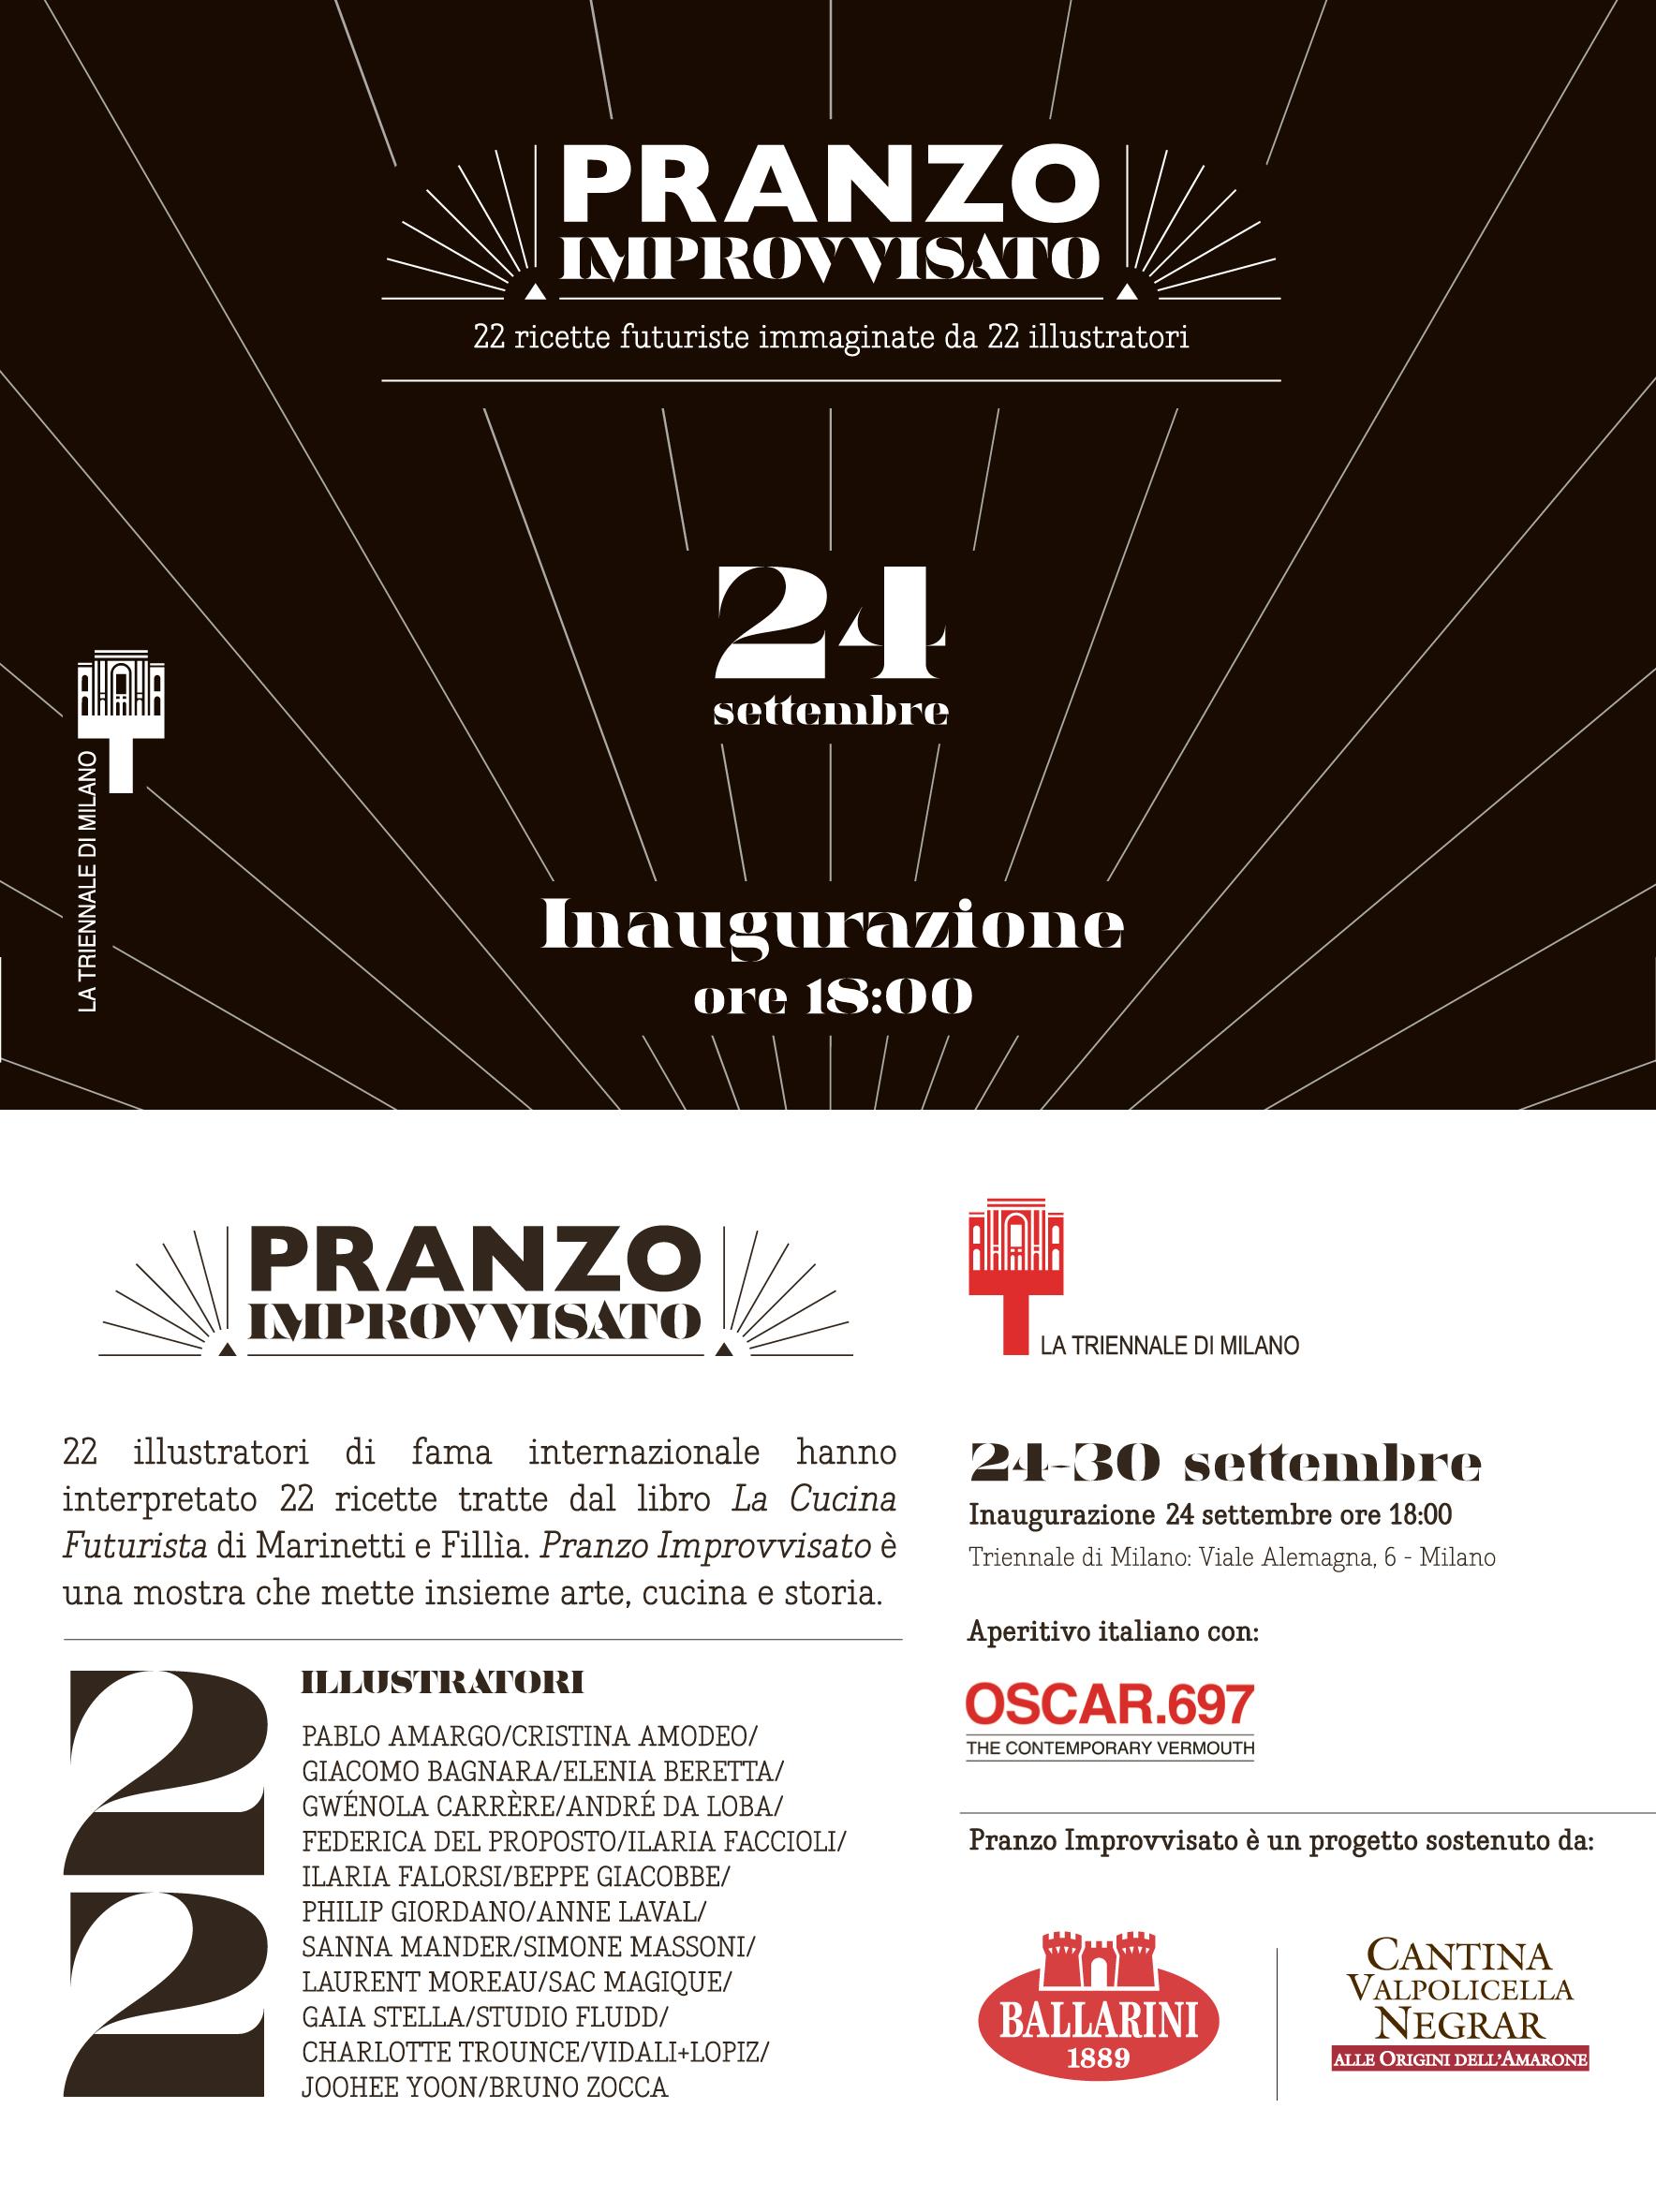 L'inaugurazione della mostra, il 24 settembre alle 18,00 presso La Triennale di Milano viale Alemagna 6, Milano